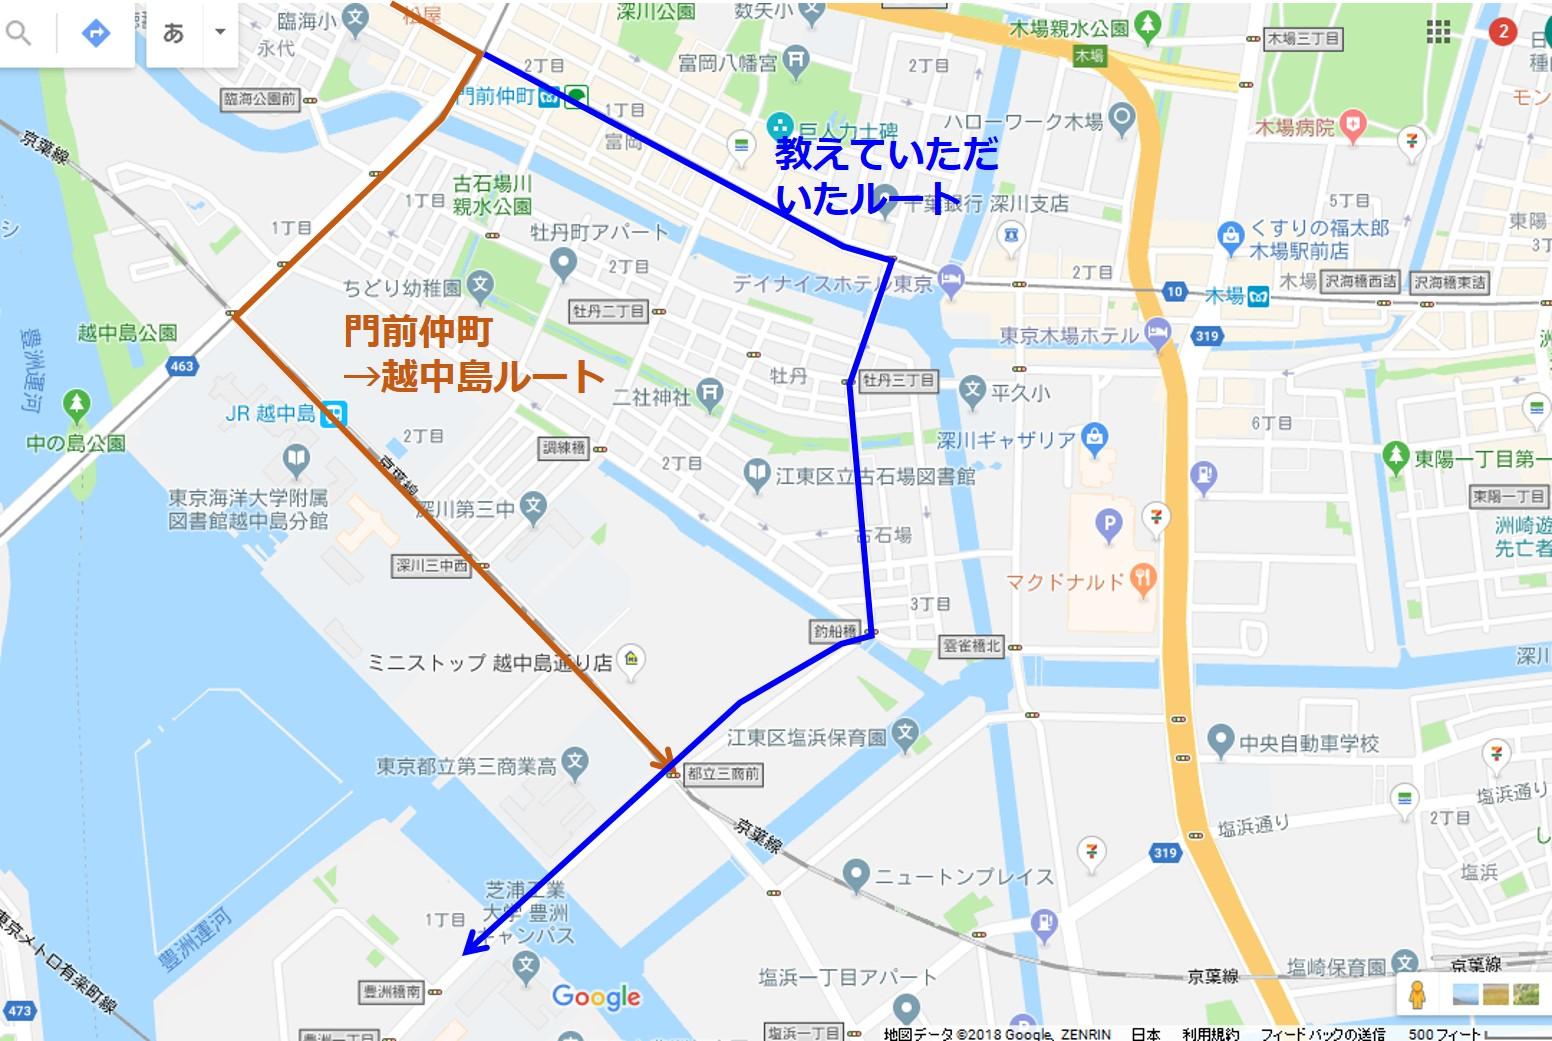 永代通り→豊洲ルート